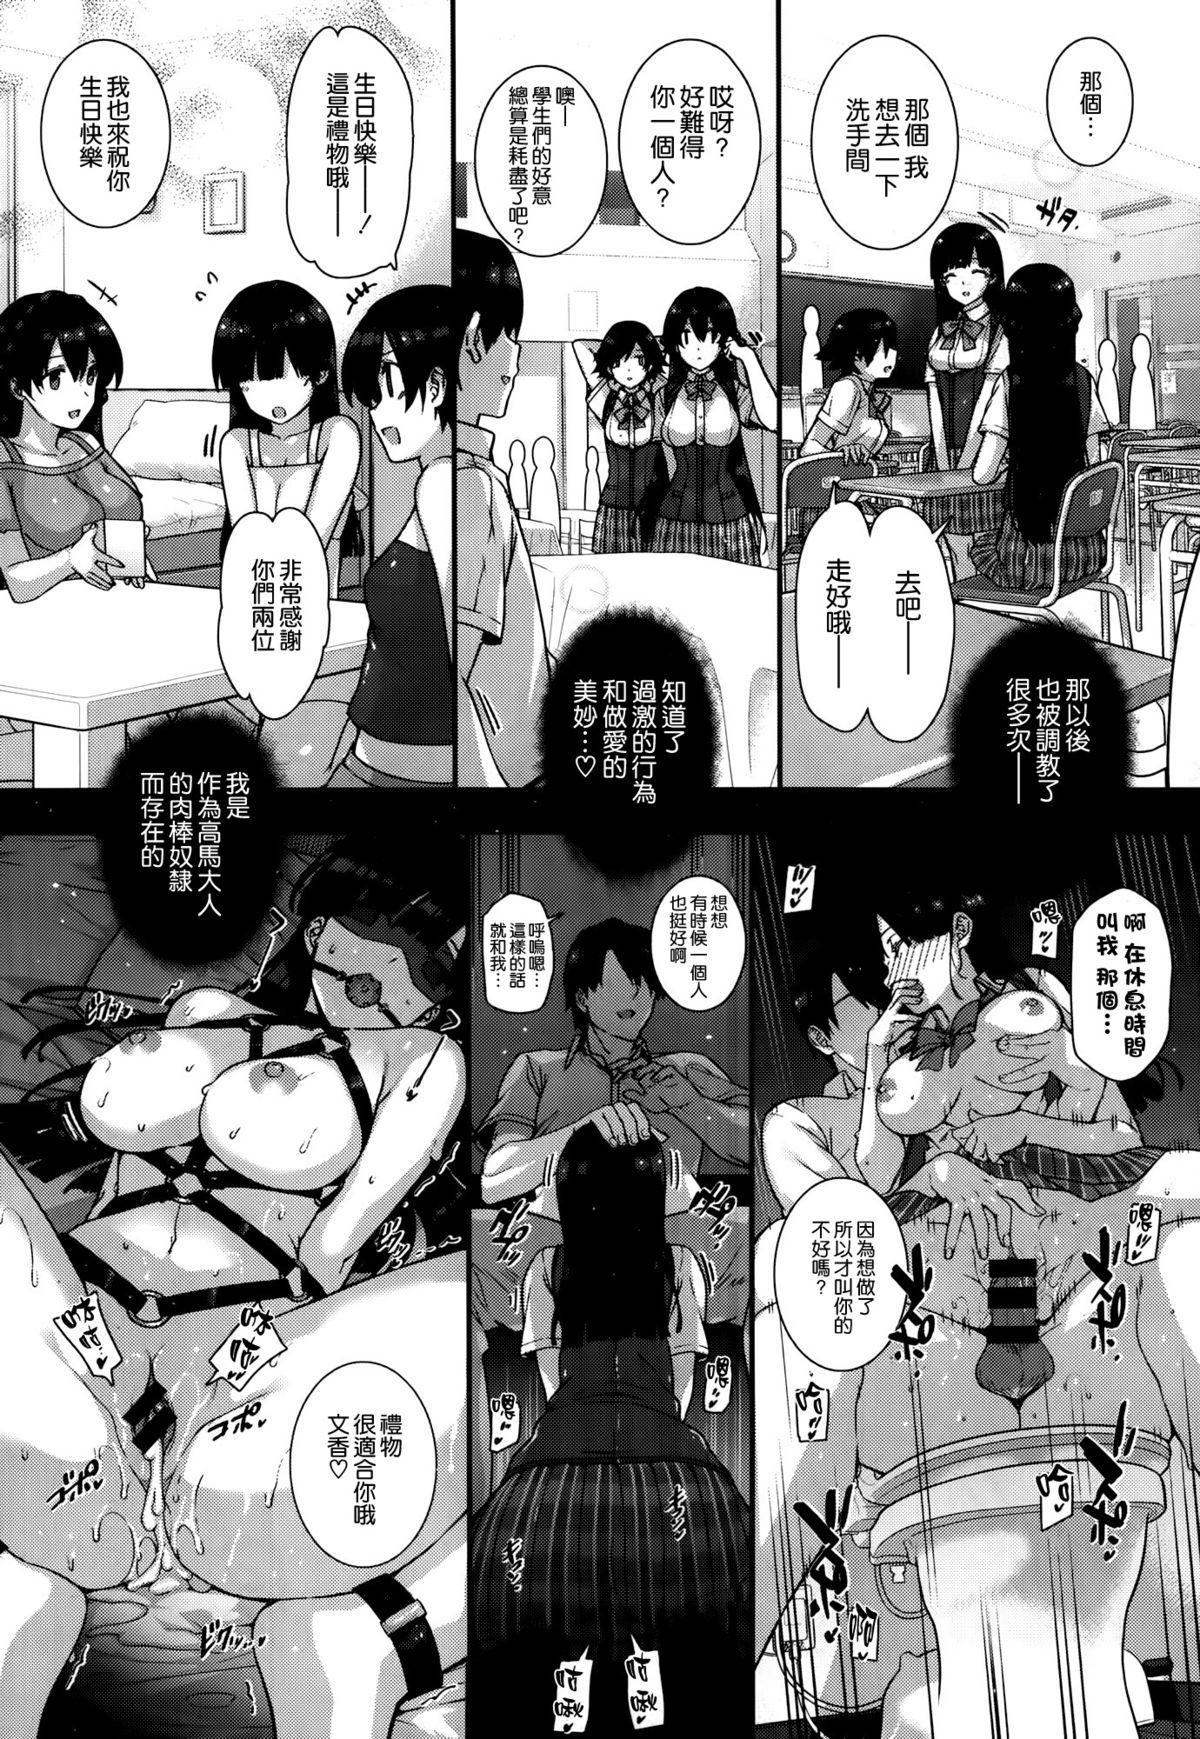 Amatsuka Gakuen no Ryoukan Seikatsu 21